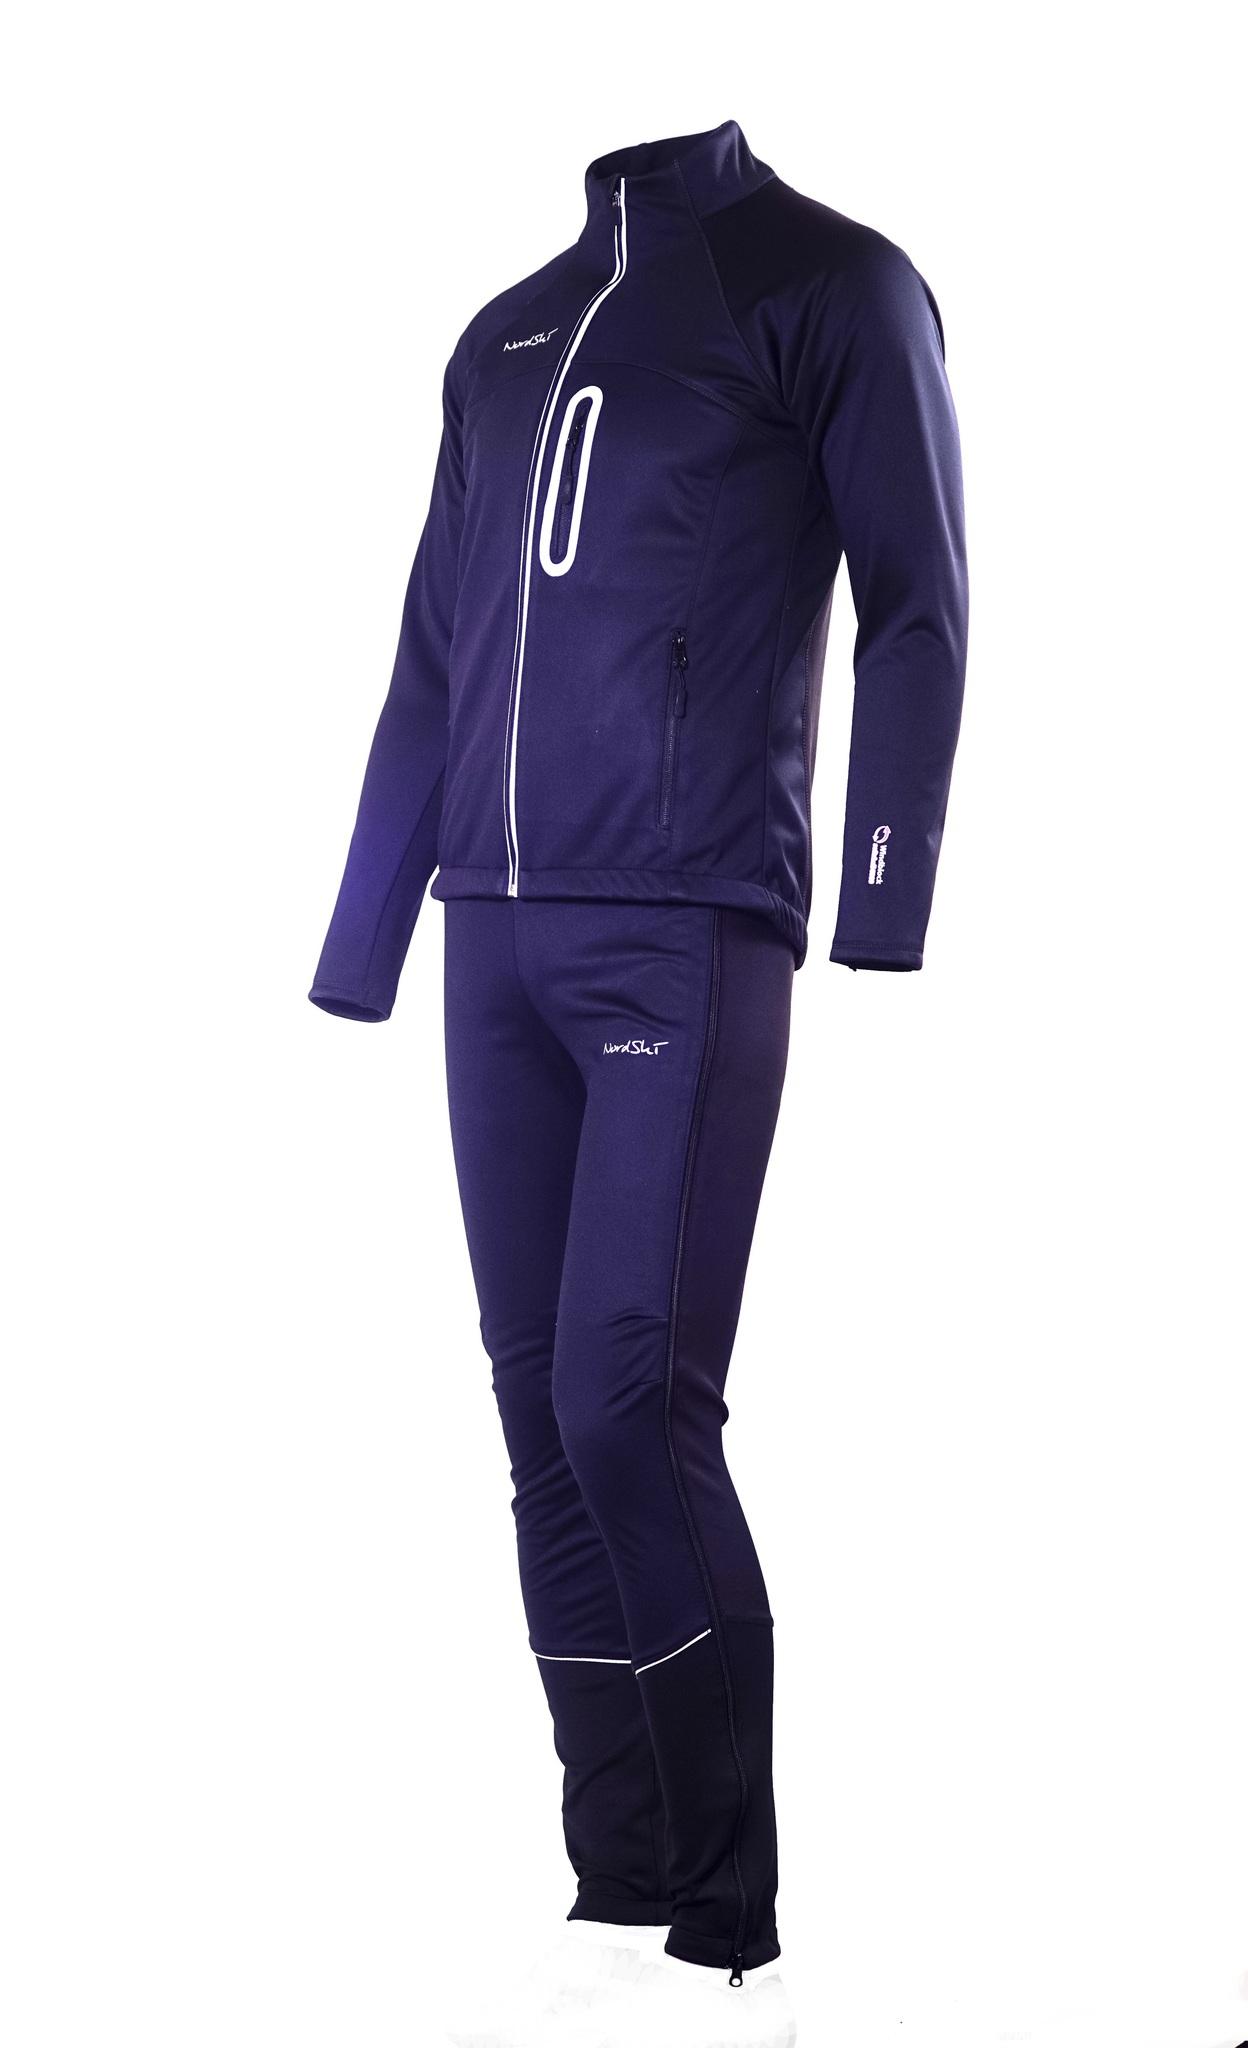 Мужской разминочный лыжный костюм Nordski Active (NSM224100) черный фото